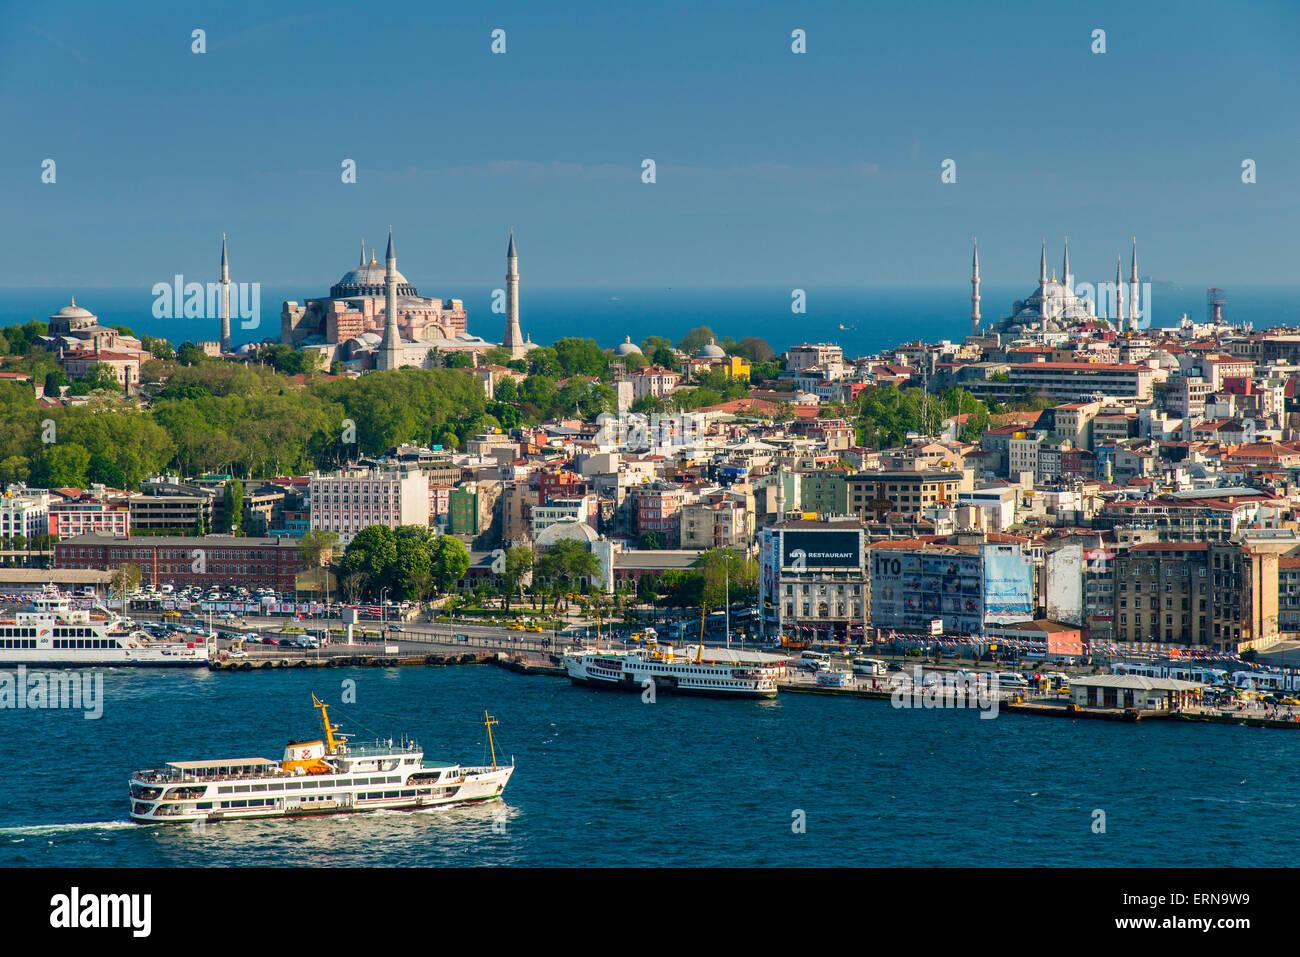 Skyline della città con Bosphurus stretto, Istanbul, Turchia Immagini Stock